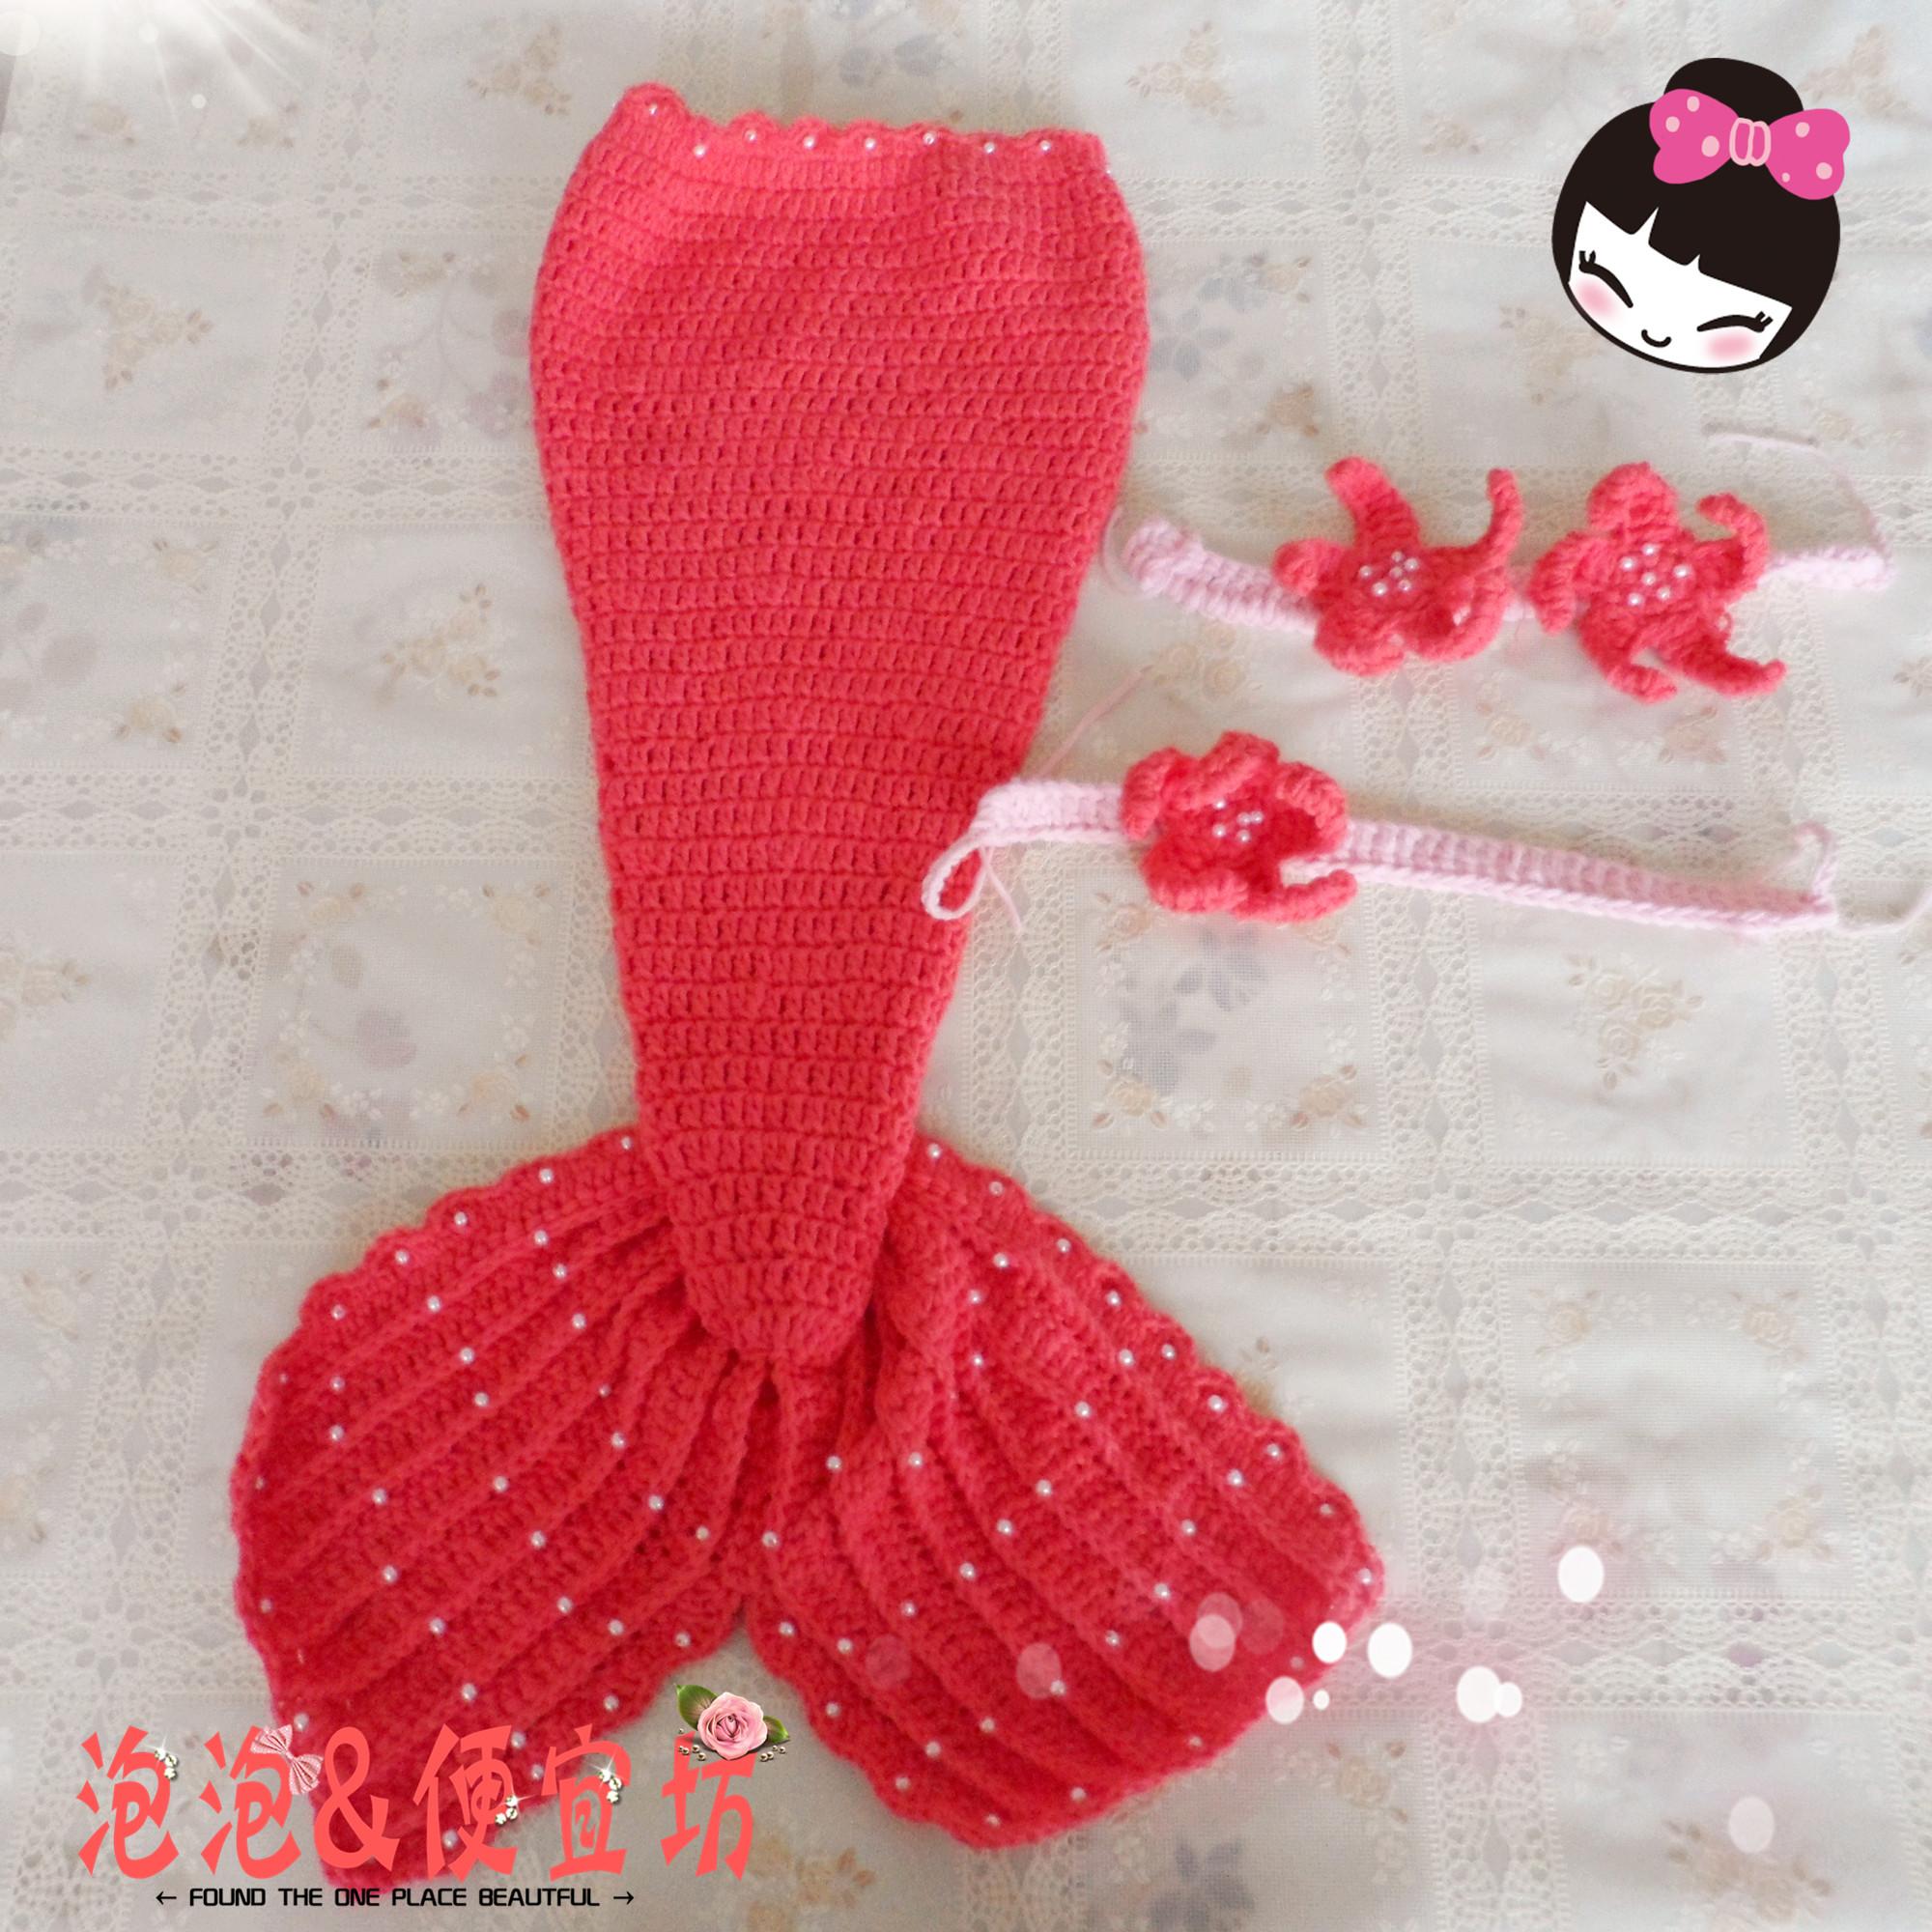 Crochet Little Mermaid Tails For Little Girls Make Handmade